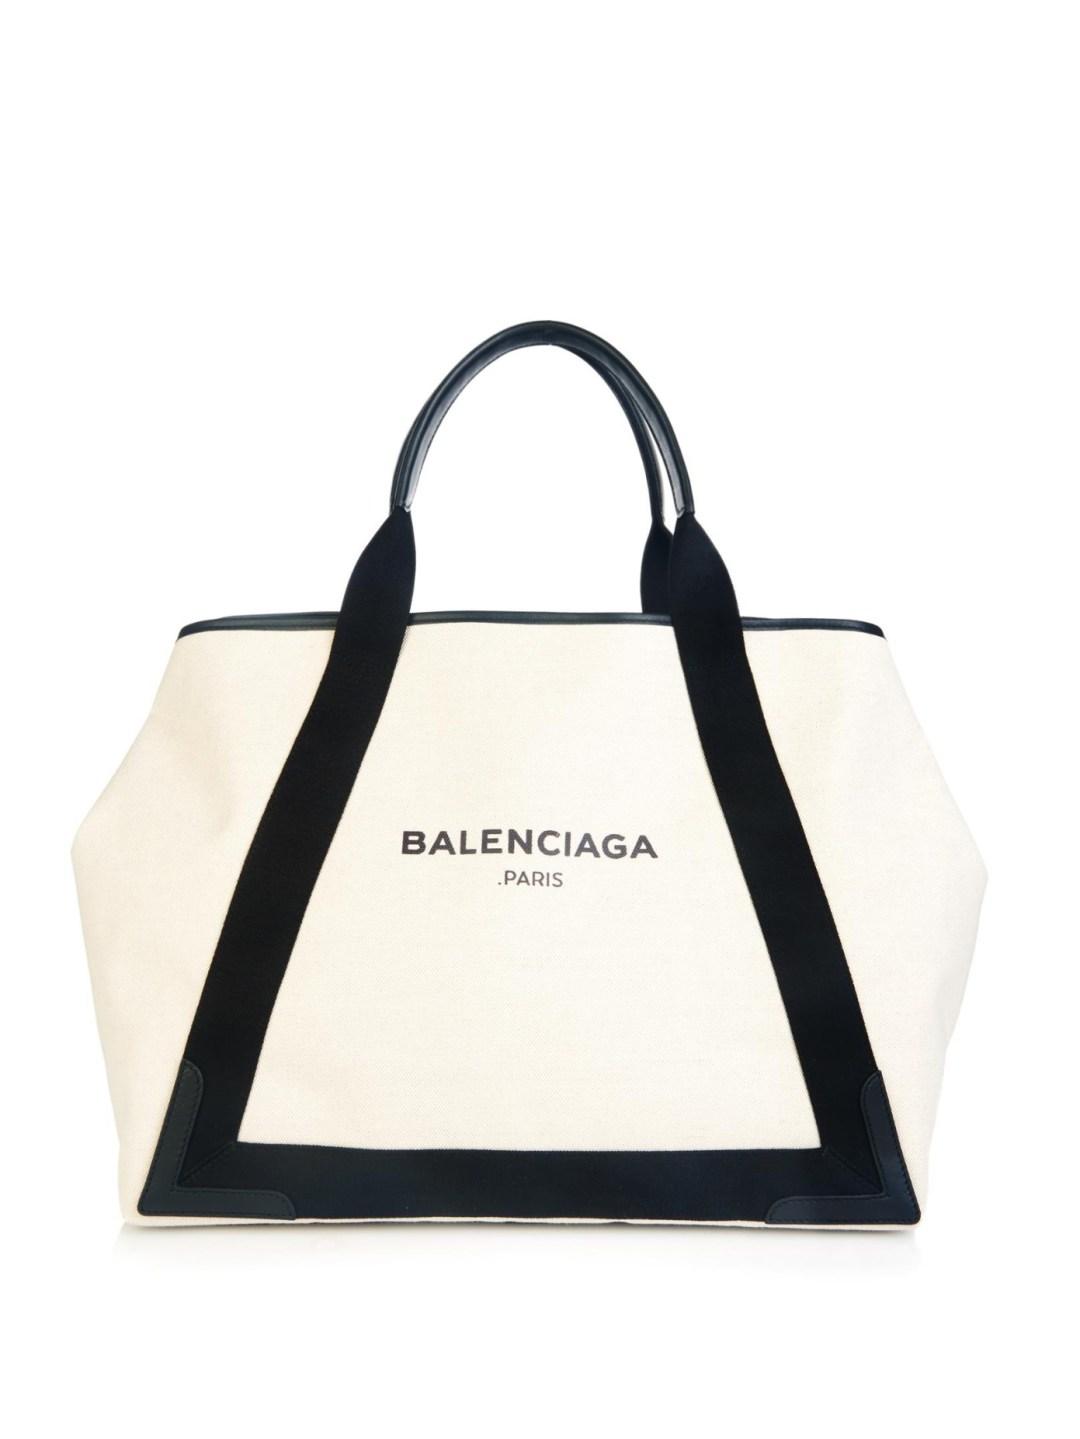 balenciaga_beachbag2015_canvastote